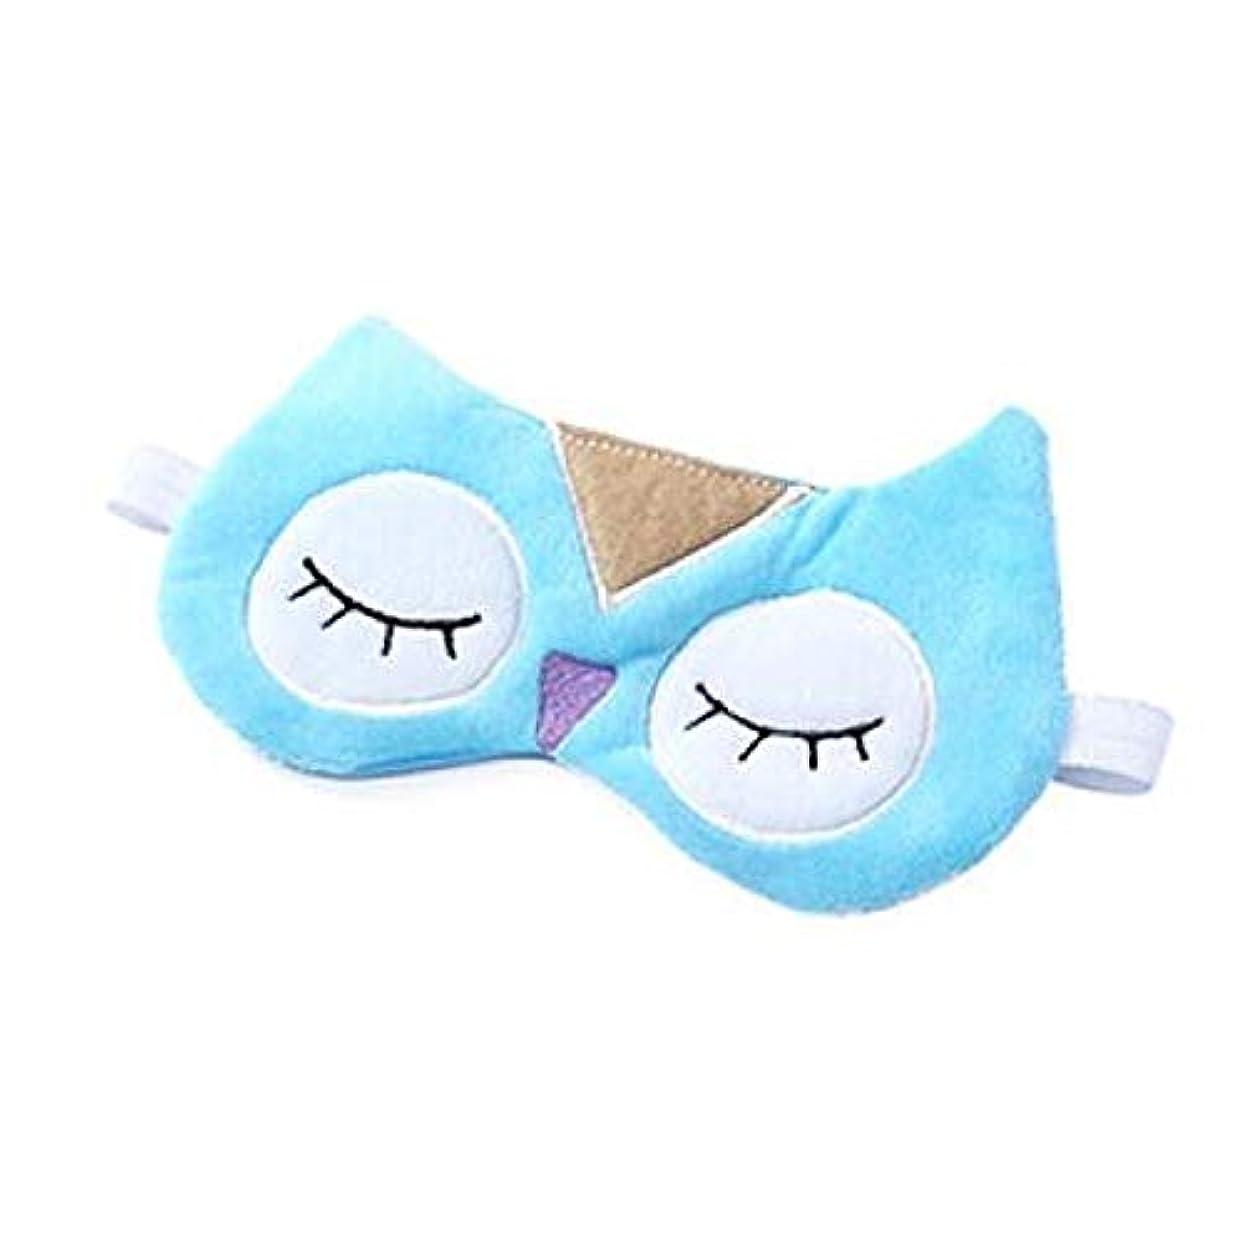 厳密に補足怖がって死ぬHUICHEN かわいいアイスバッグ睡眠ゴーグルゴーグルの男性と女性の青いフクロウ冷湿布ゴーグルを寝 (Color : Blue)